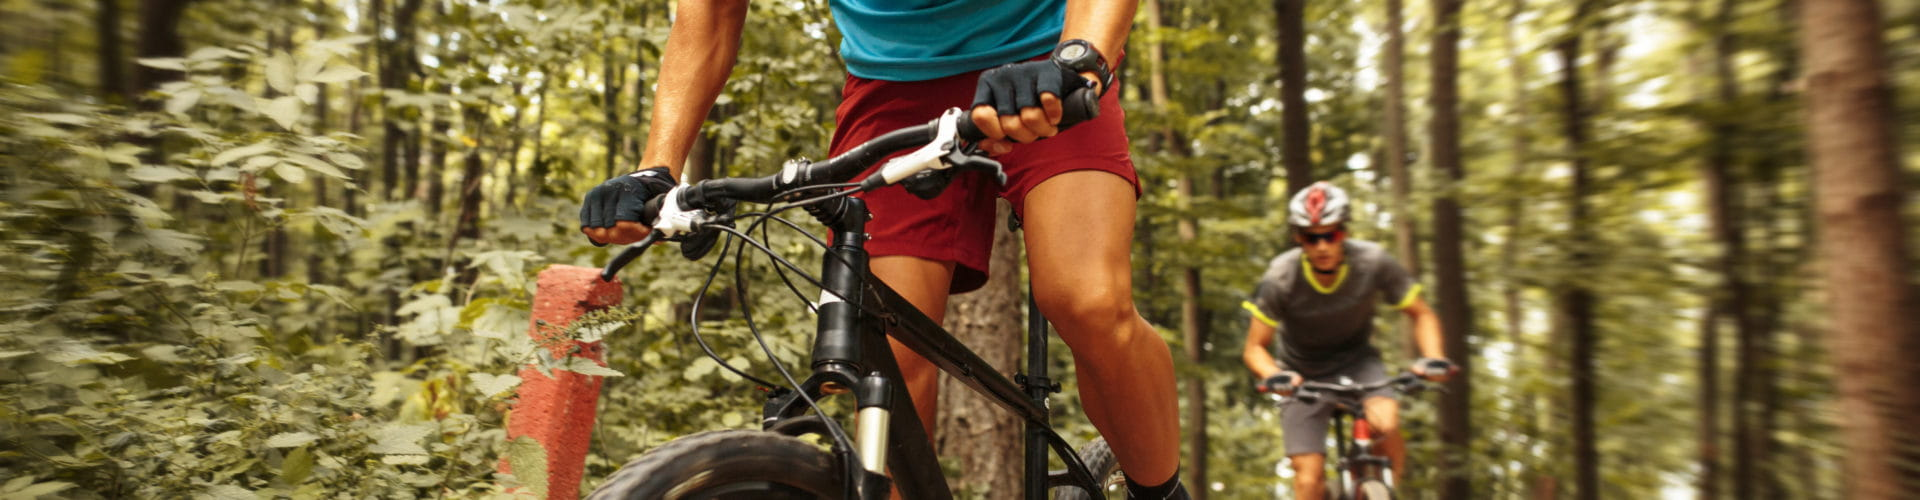 Ciclismo y fertilidad